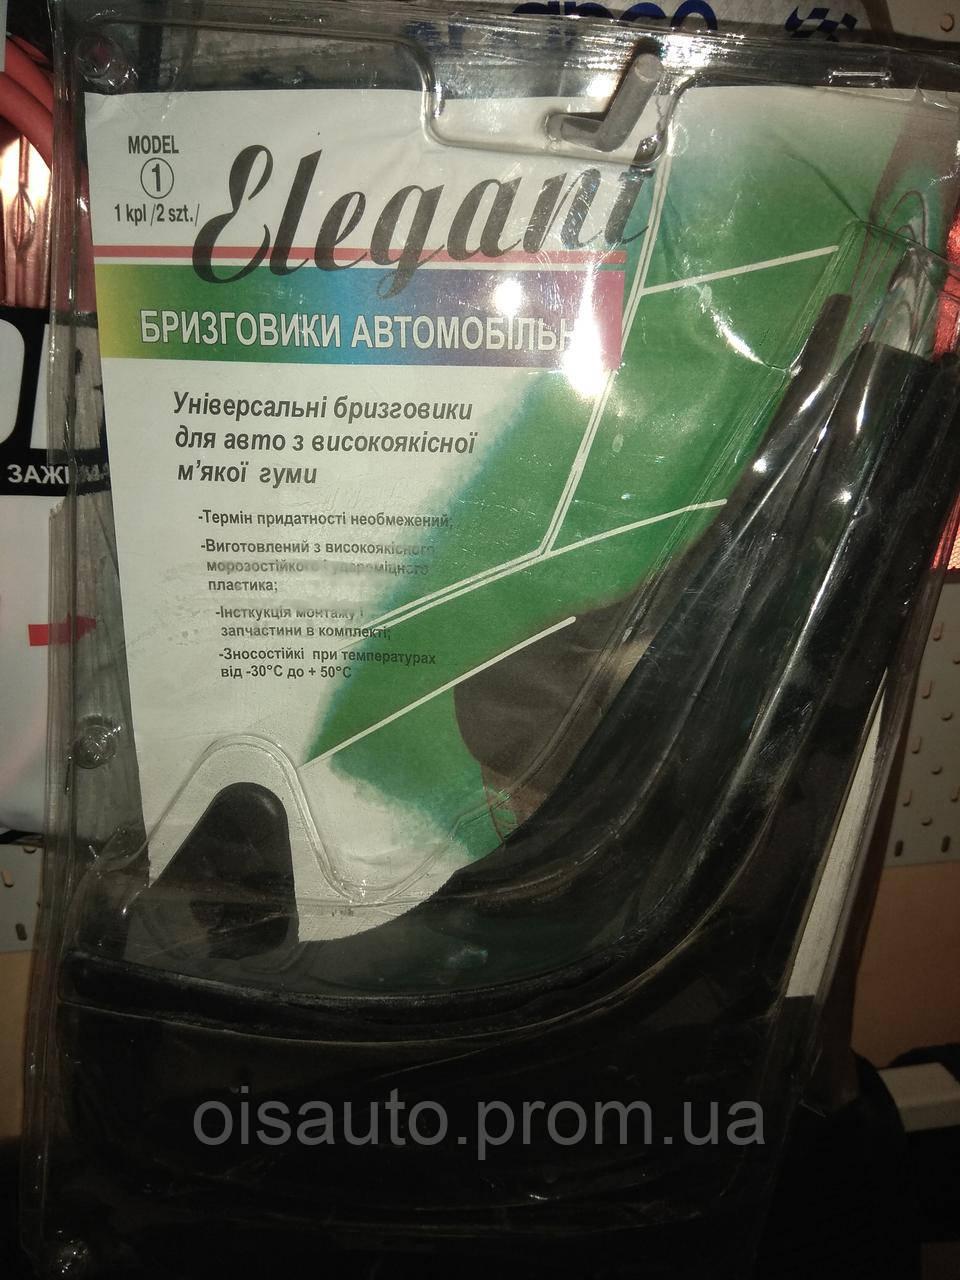 Бризговик Елегант-1 (передні)